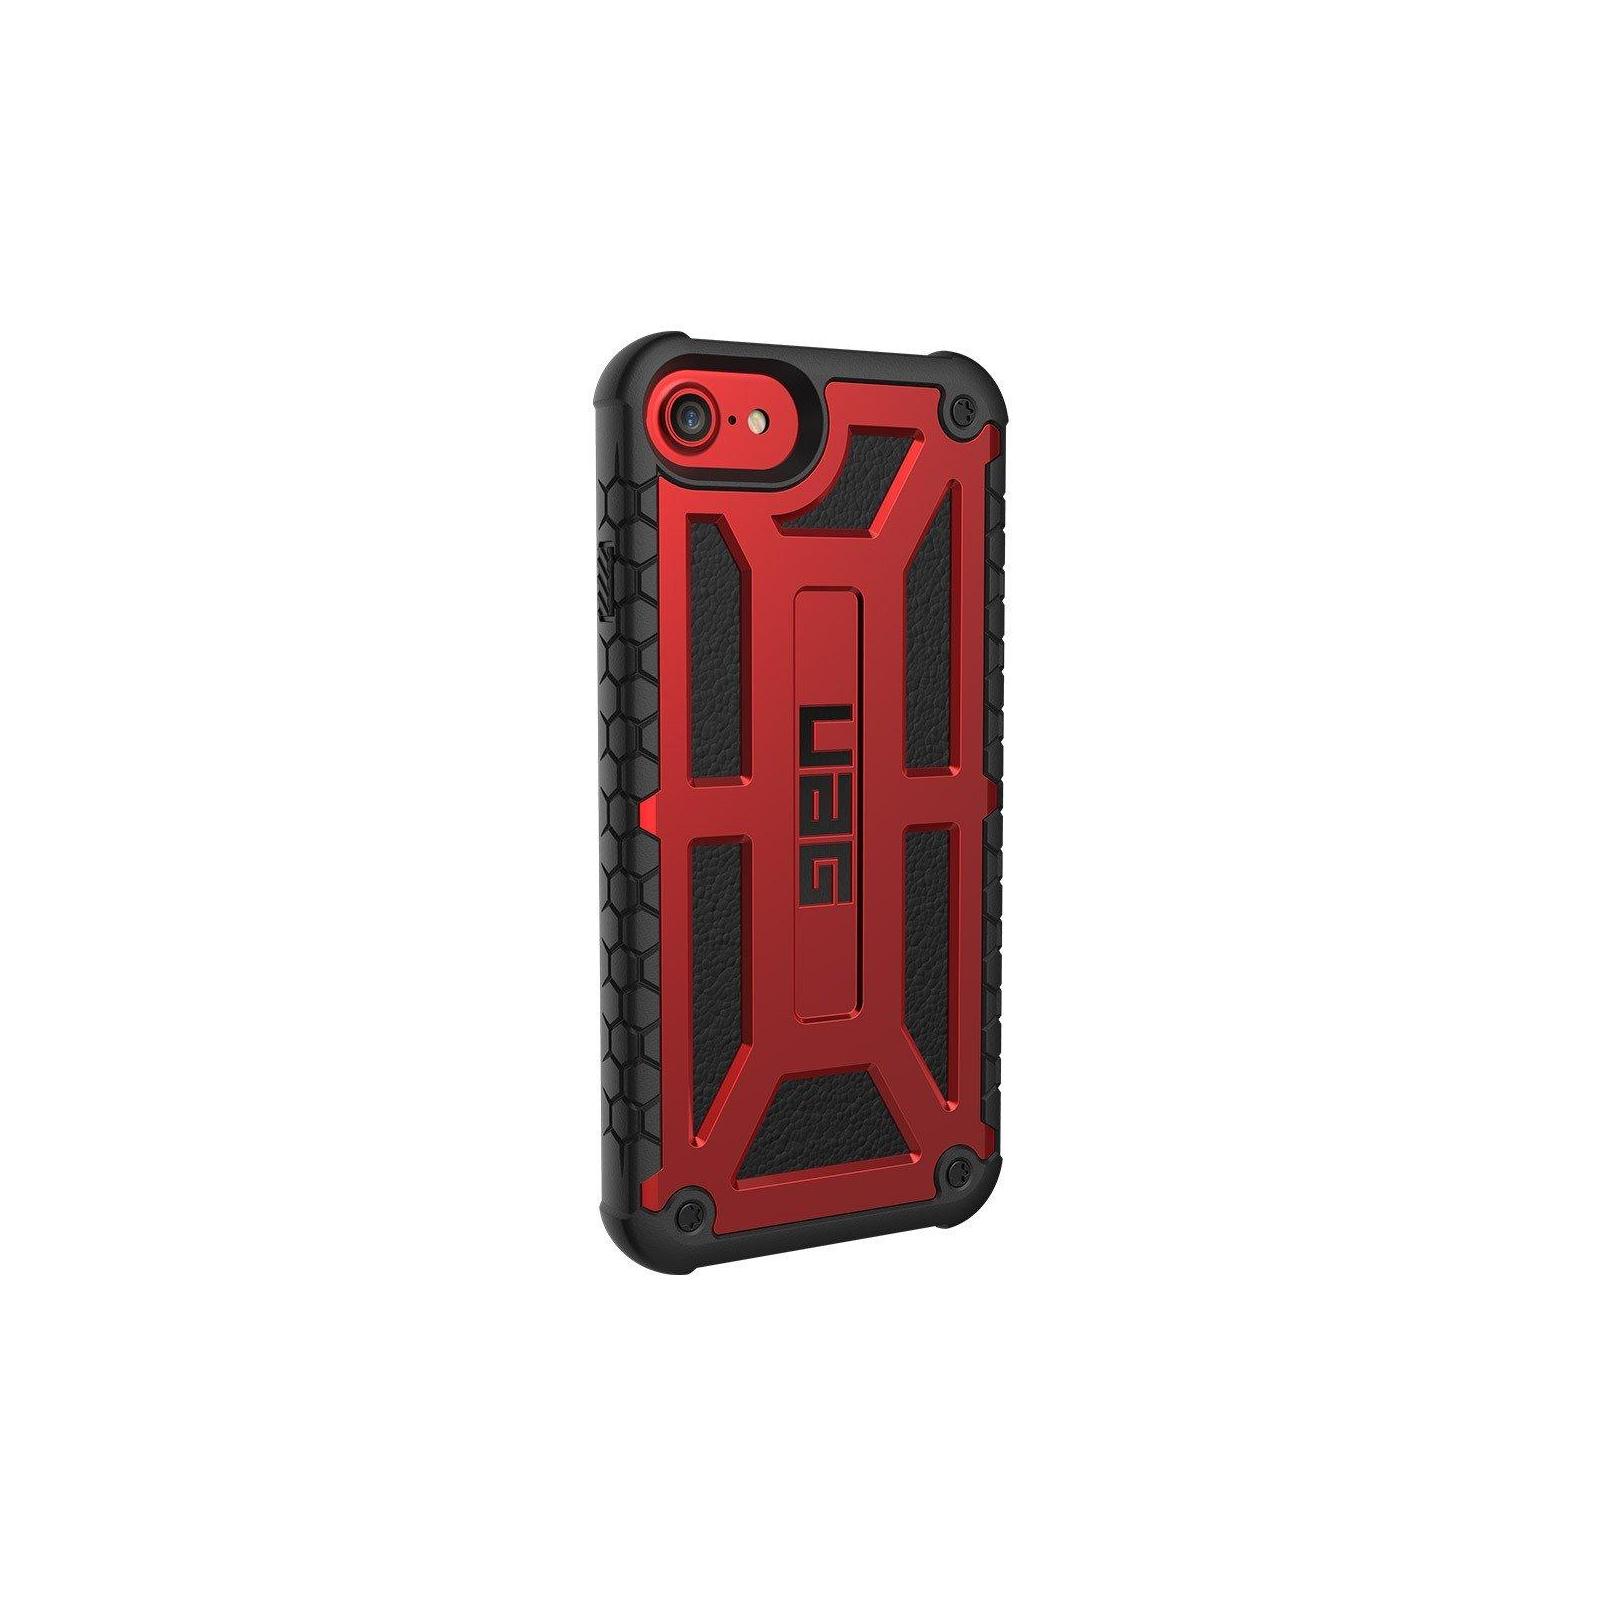 Чехол для моб. телефона UAG iPhone 8/7/6S/6 Monarch Crimson (IPH8/7-M-CR) изображение 3